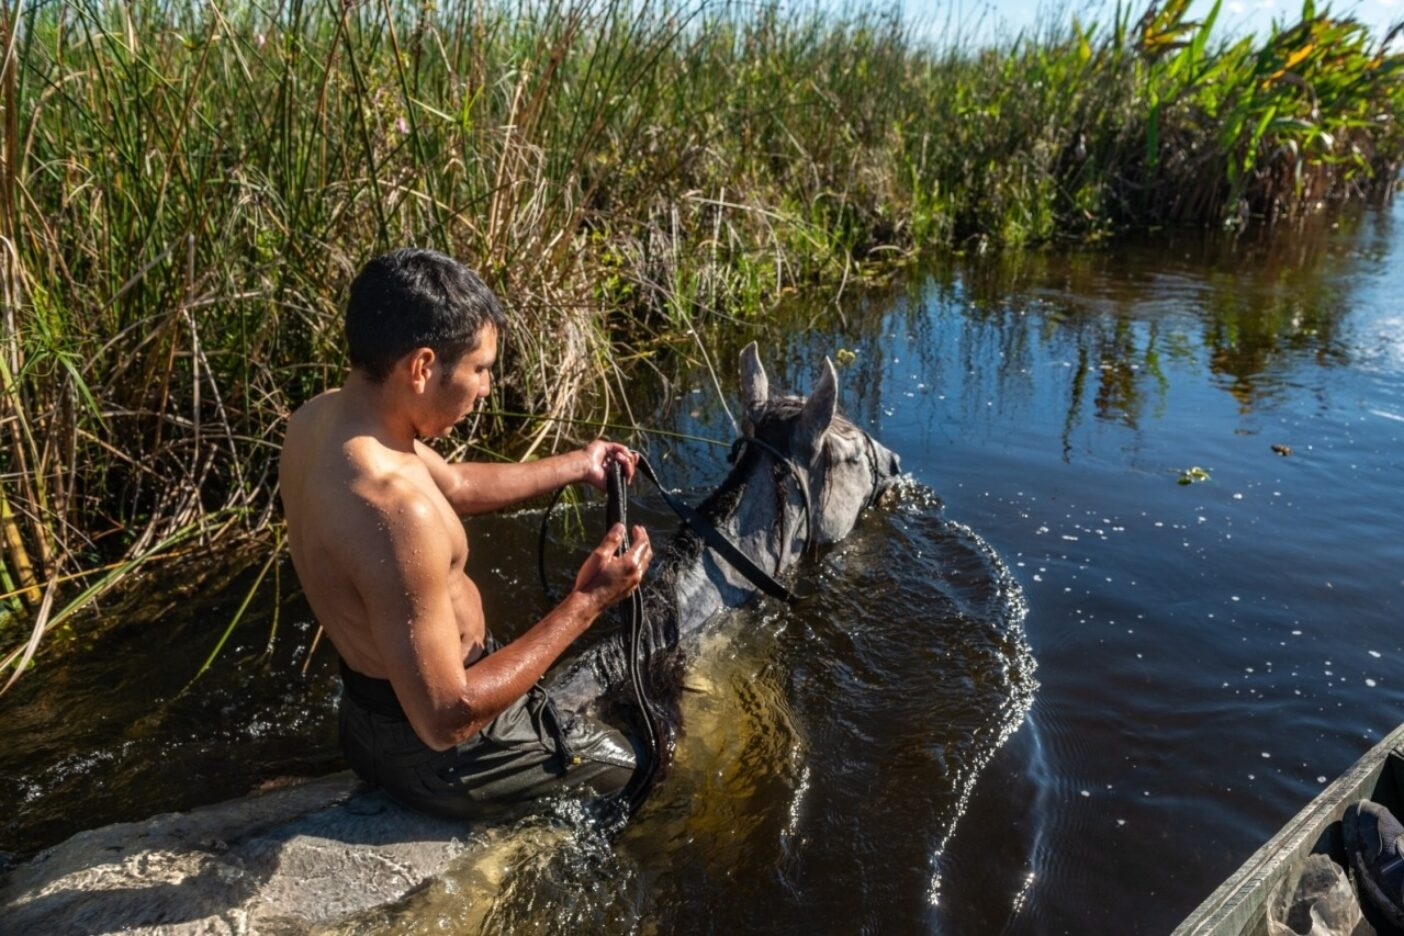 水が深くなると、フェデリコは馬に乗るか、馬と一緒に泳ぐこともある。亜熱帯性気候のため、泳ぐことは馬と人間の両方にとって喜ばしいことだ。